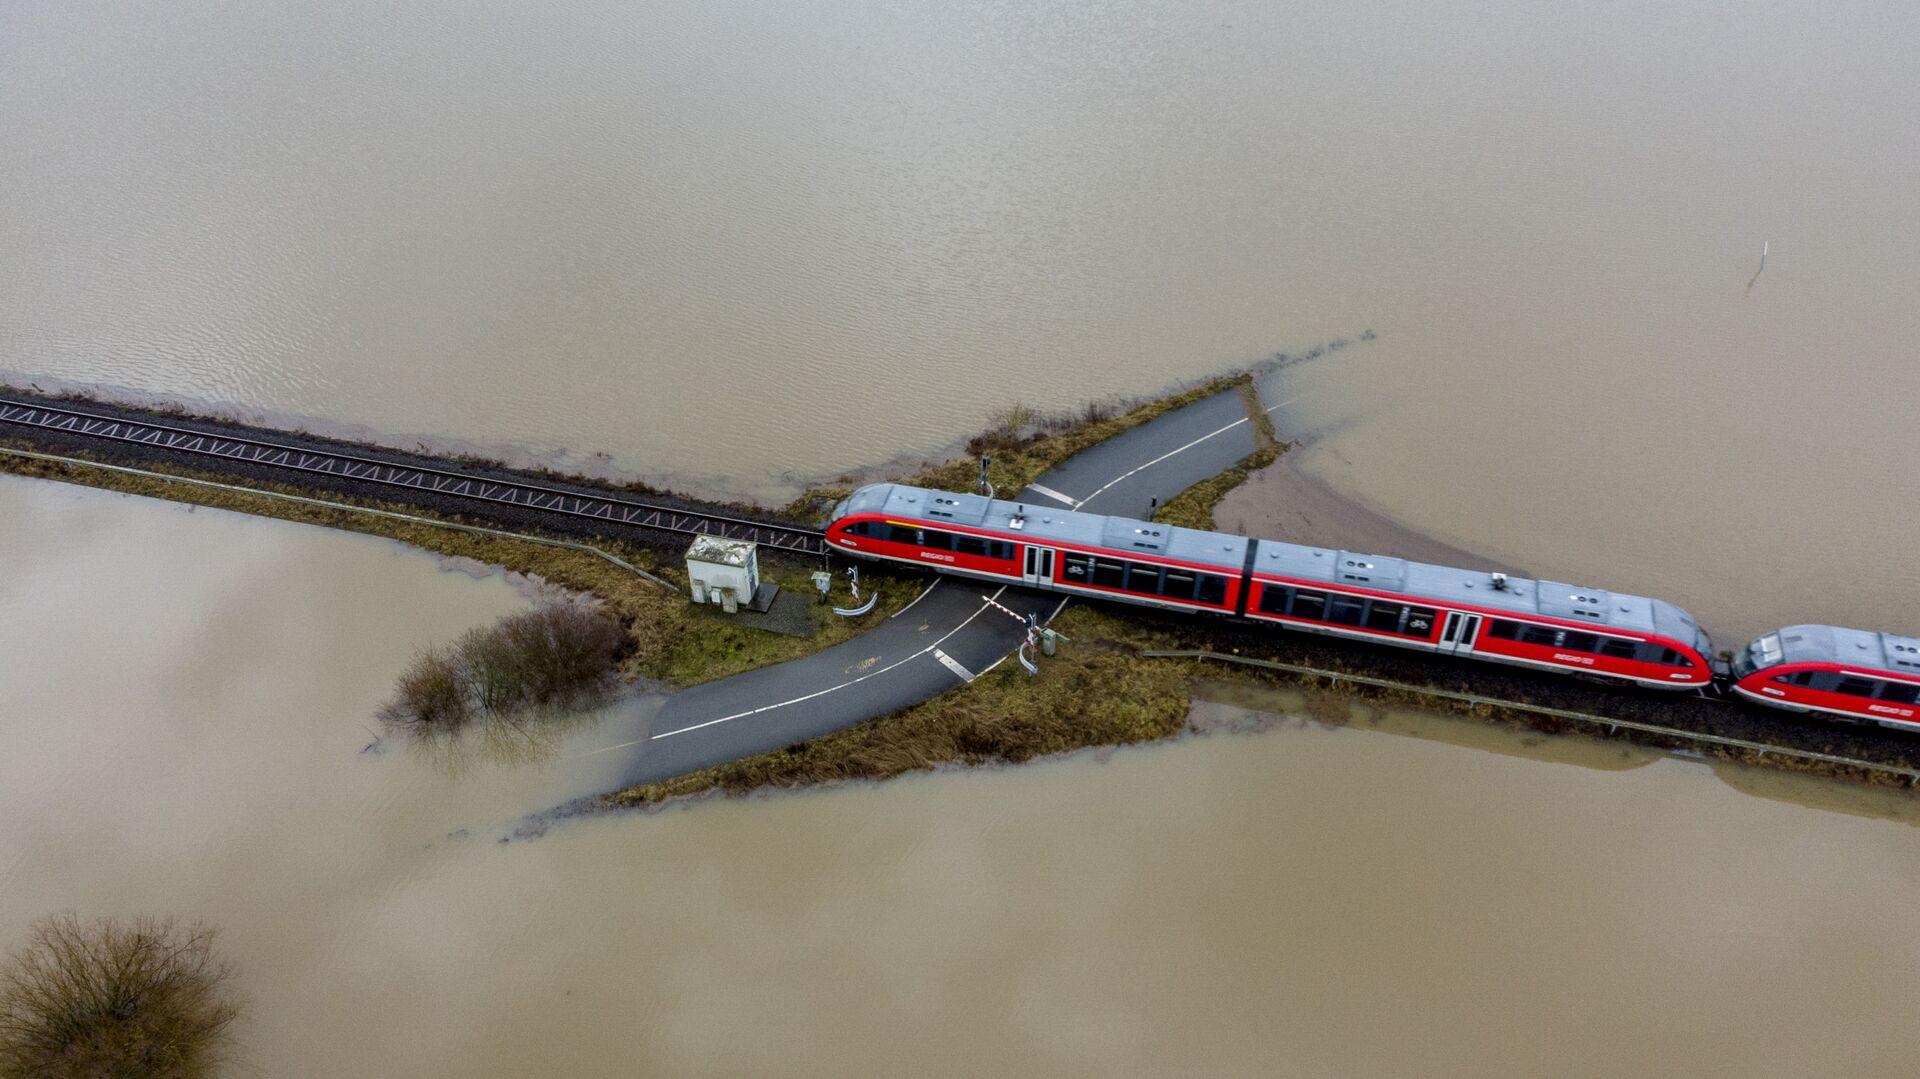 Vlak v Německu projíždí okolo zatopených míst - Sputnik Česká republika, 1920, 24.08.2021